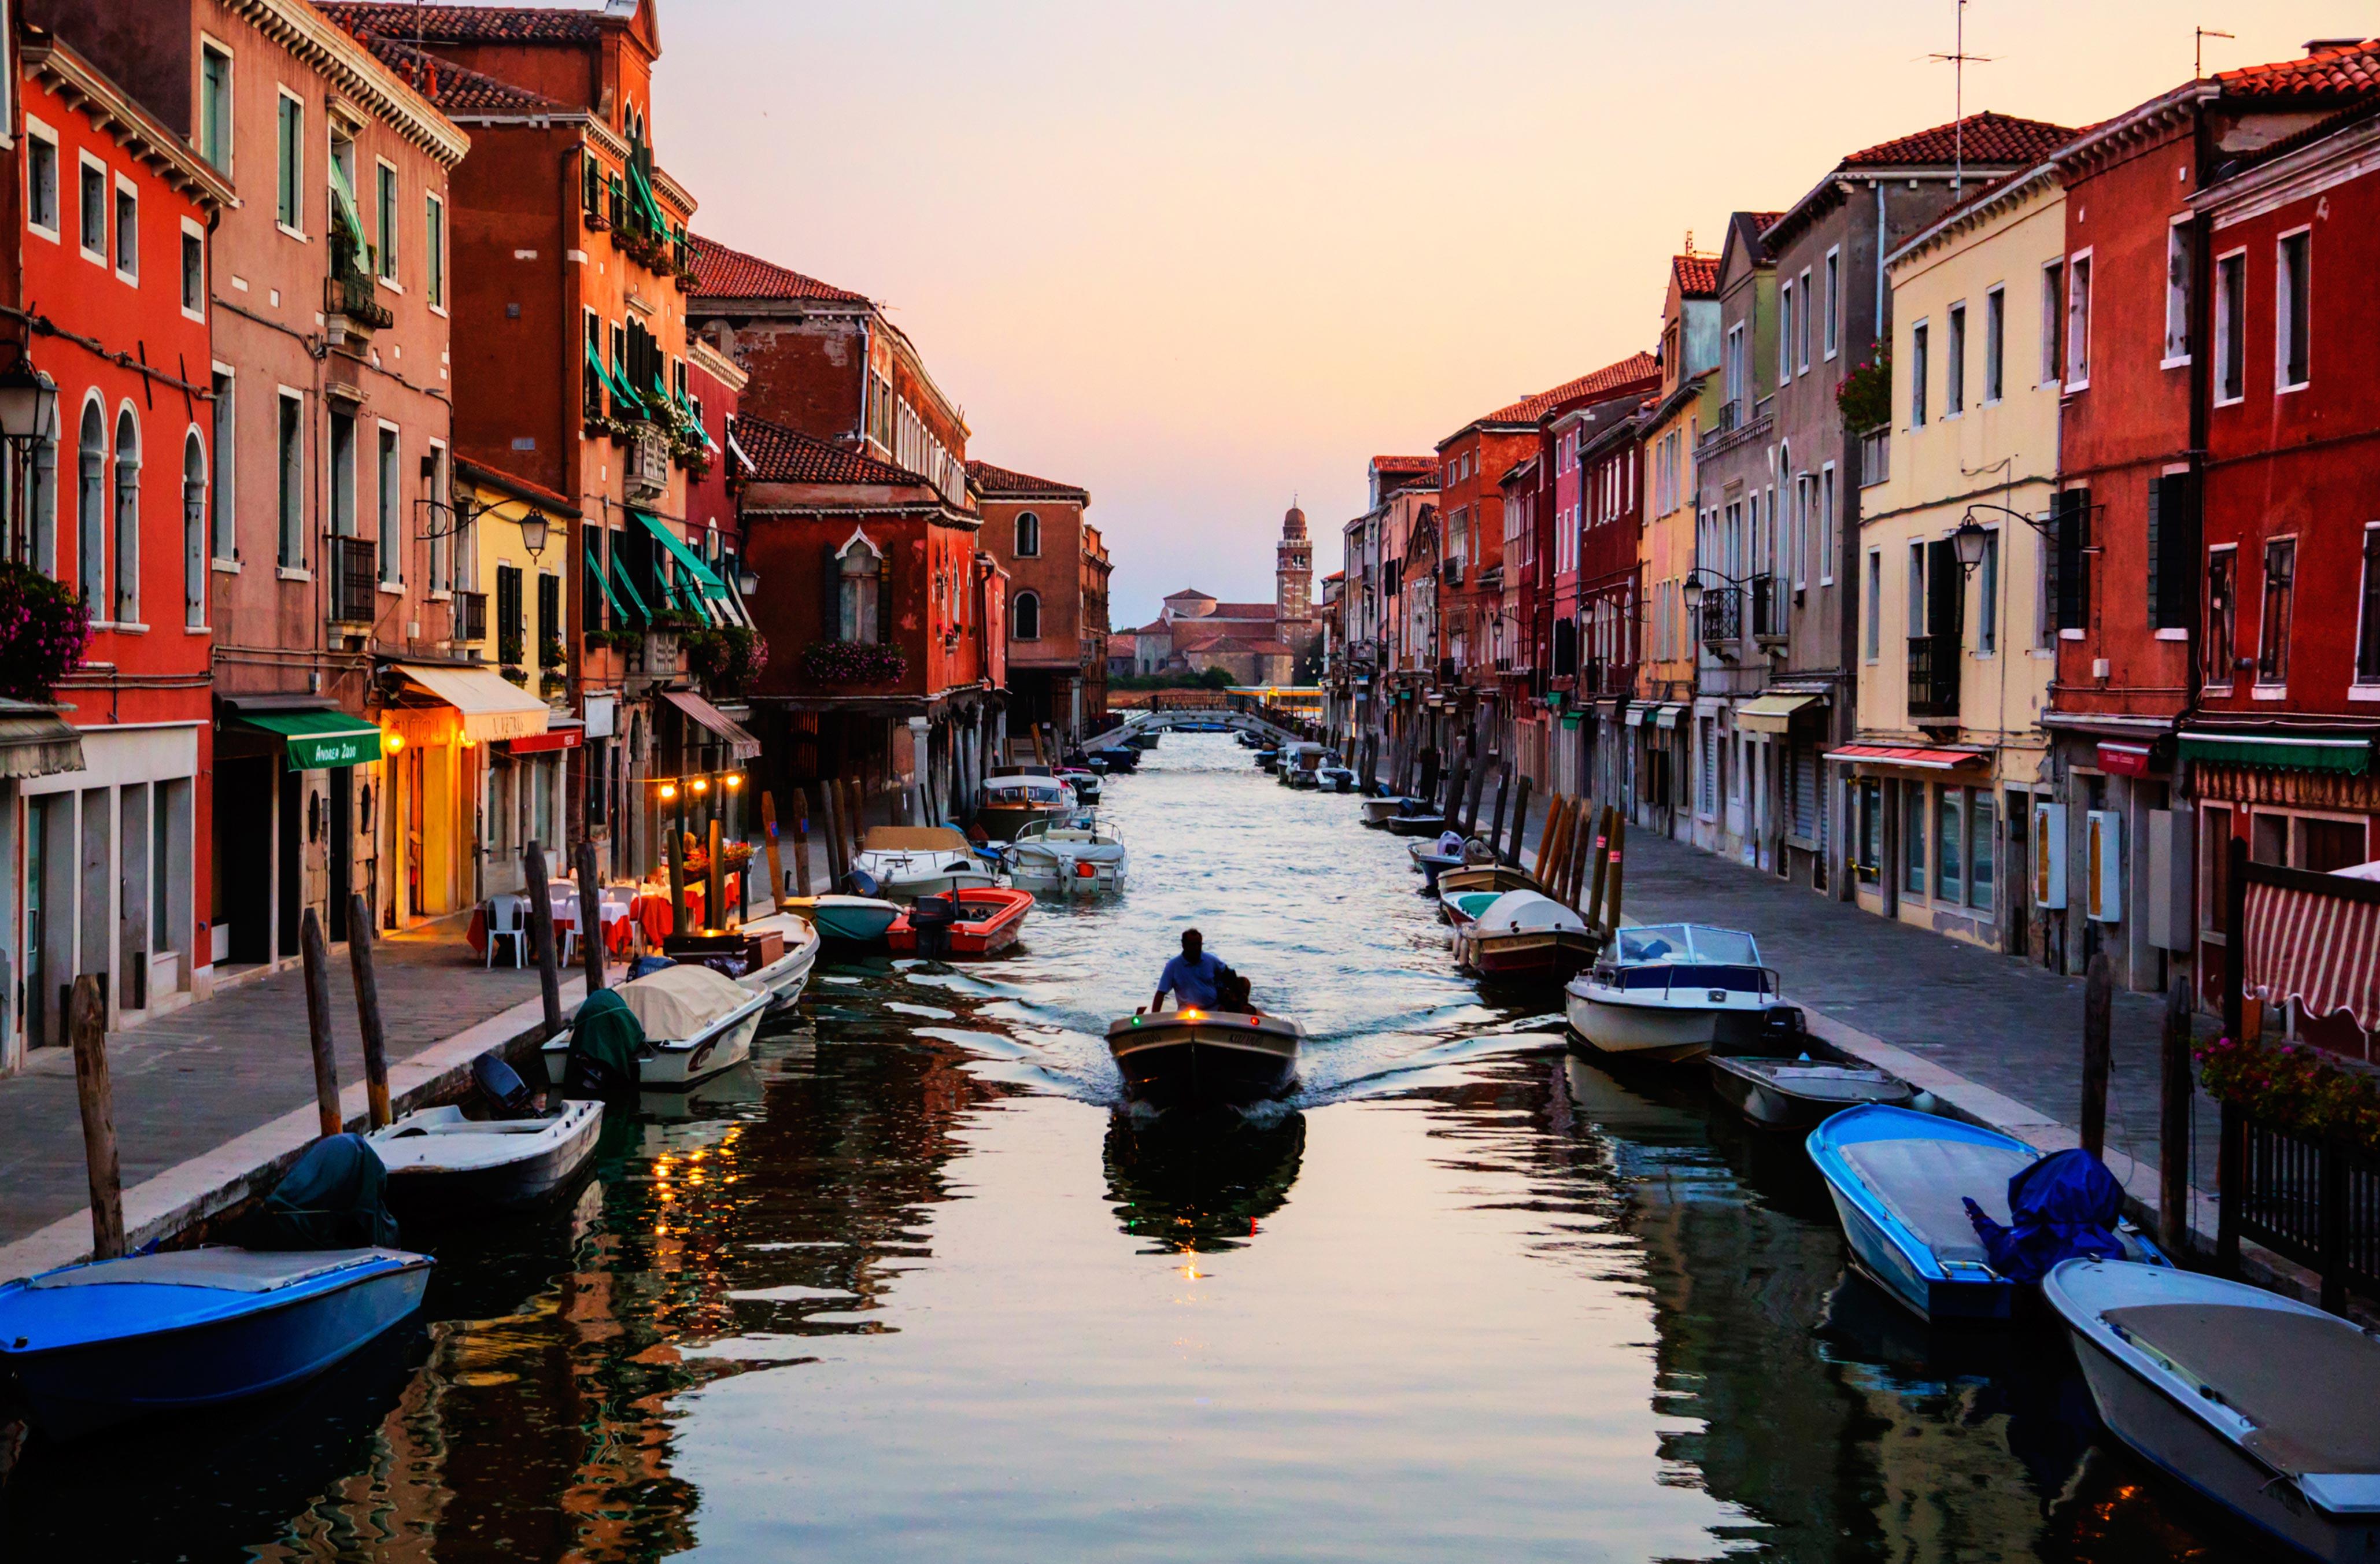 Venice HD Wallpapers for desktop download 4116x2705